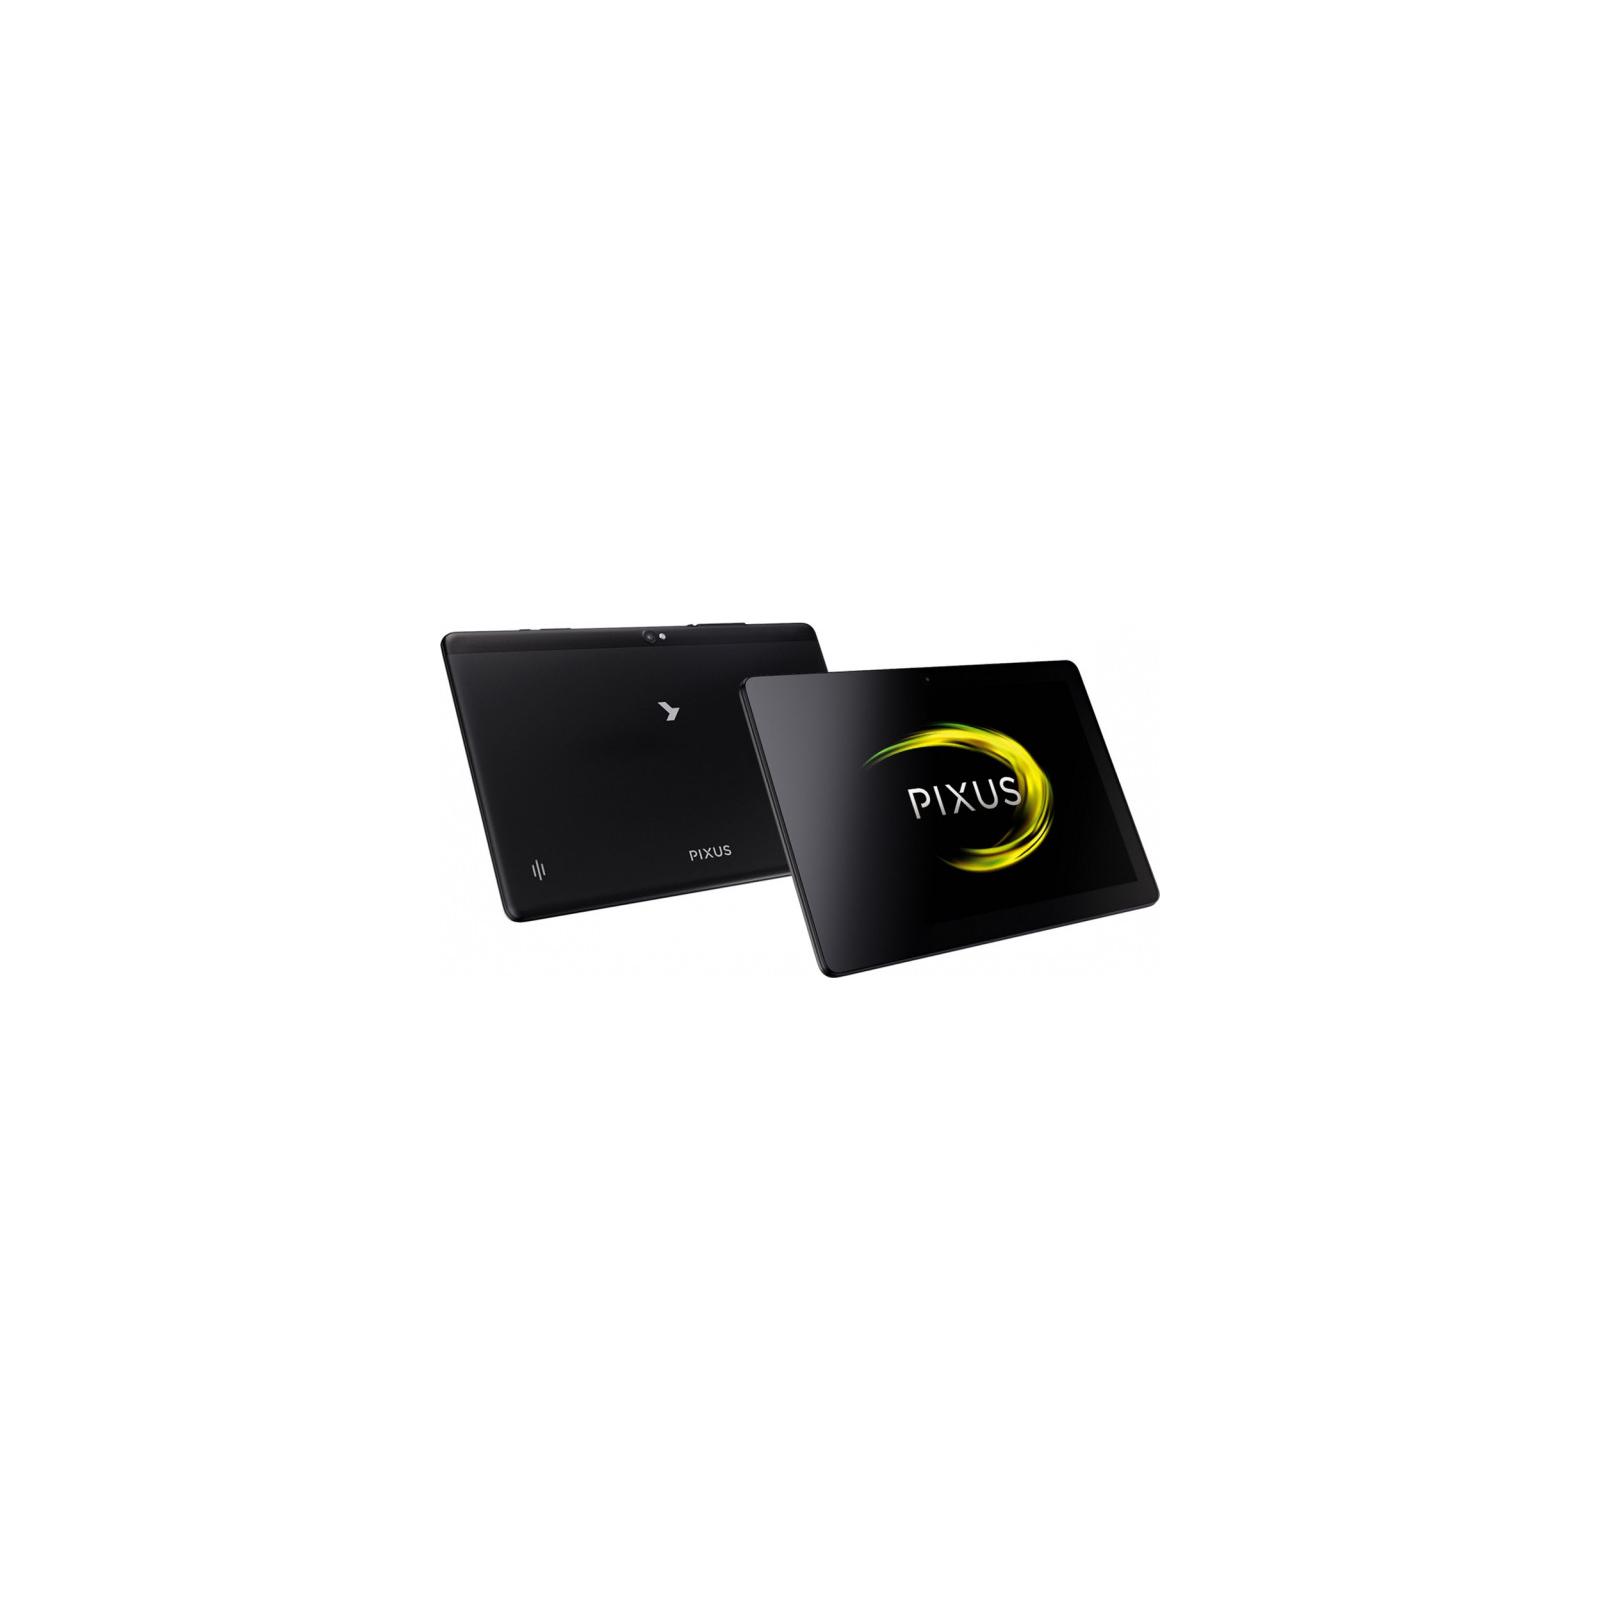 """Планшет Pixus Sprint 10.1"""", 1/16ГБ, 3G, GPS, metal, black (Sprint metal, black) изображение 6"""